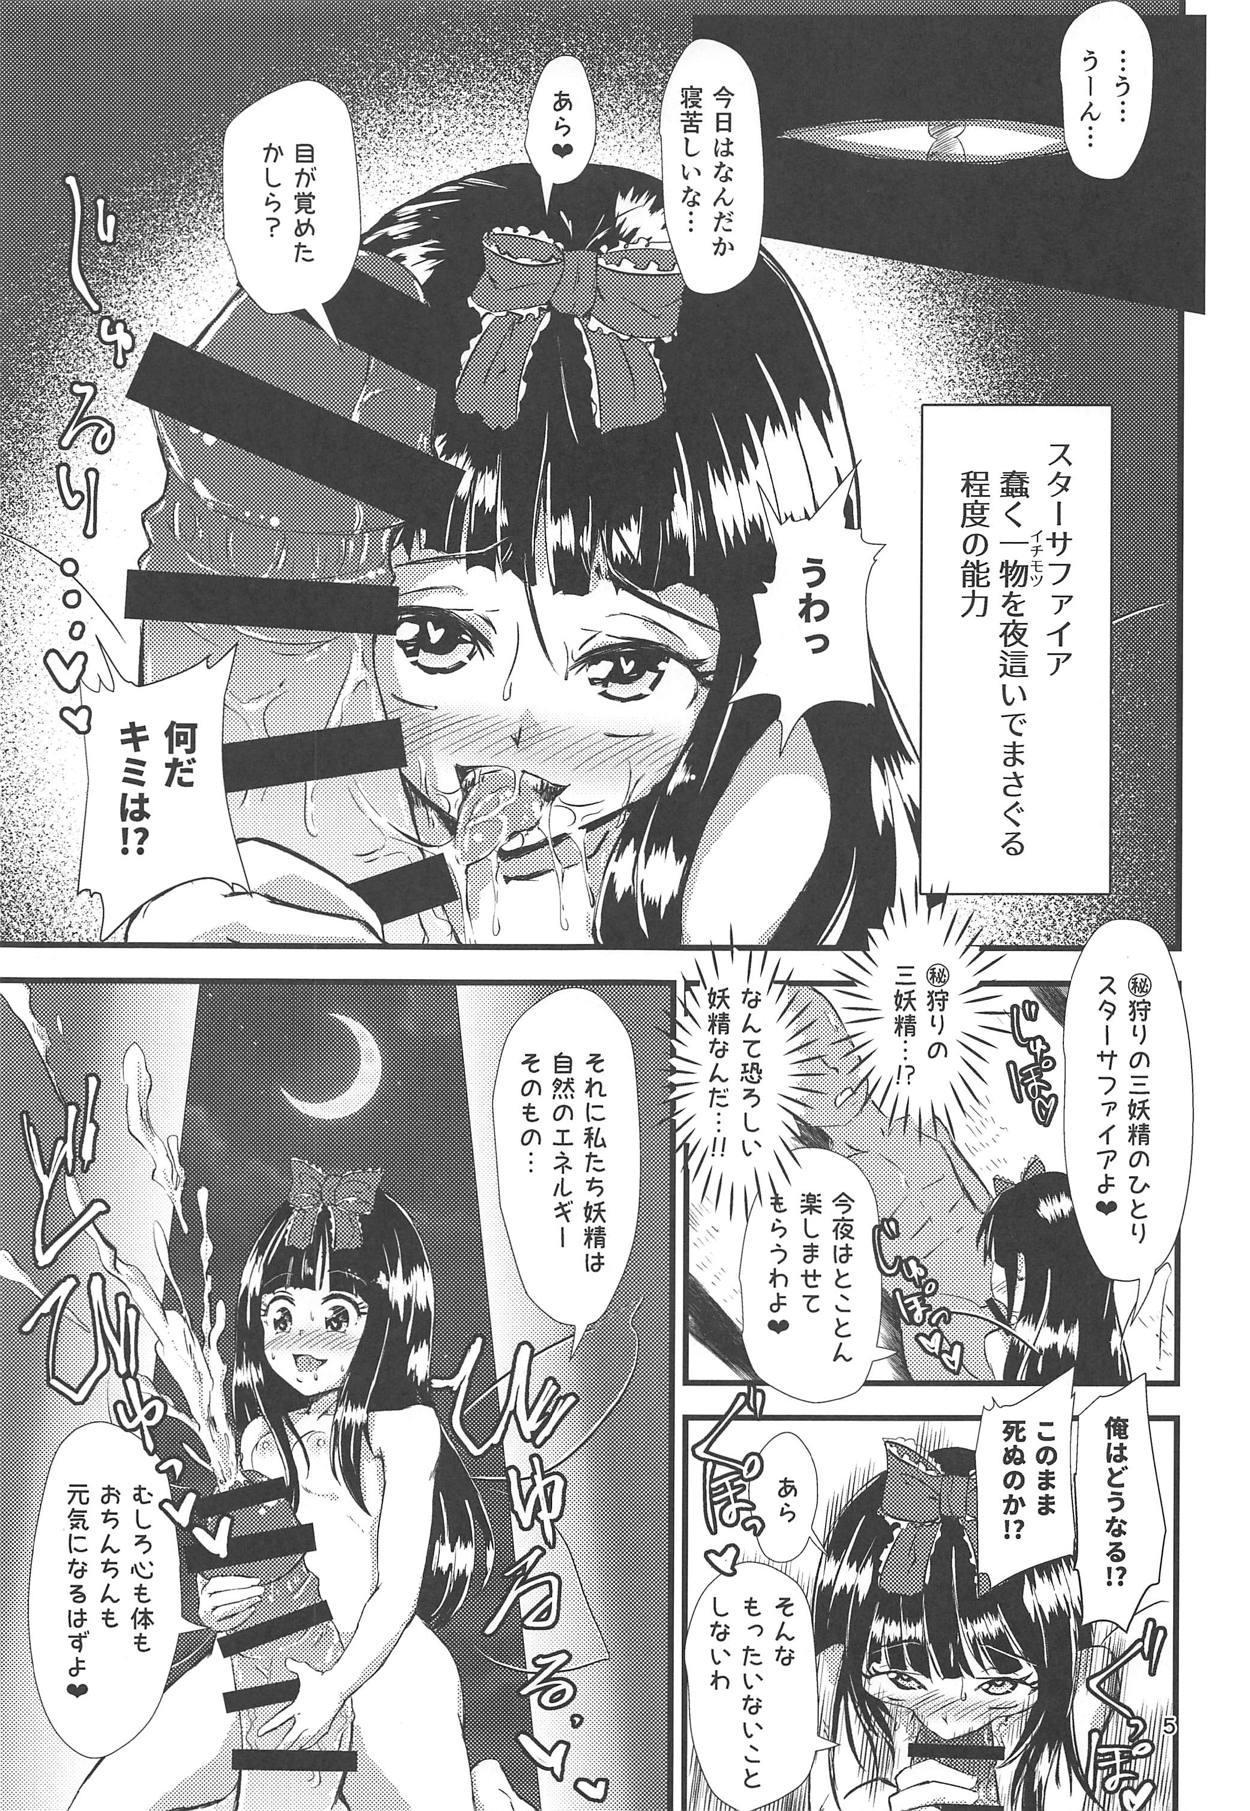 Gensoukyou Ero Nouryoku-ka Ihen V Yousei Dairankou 3